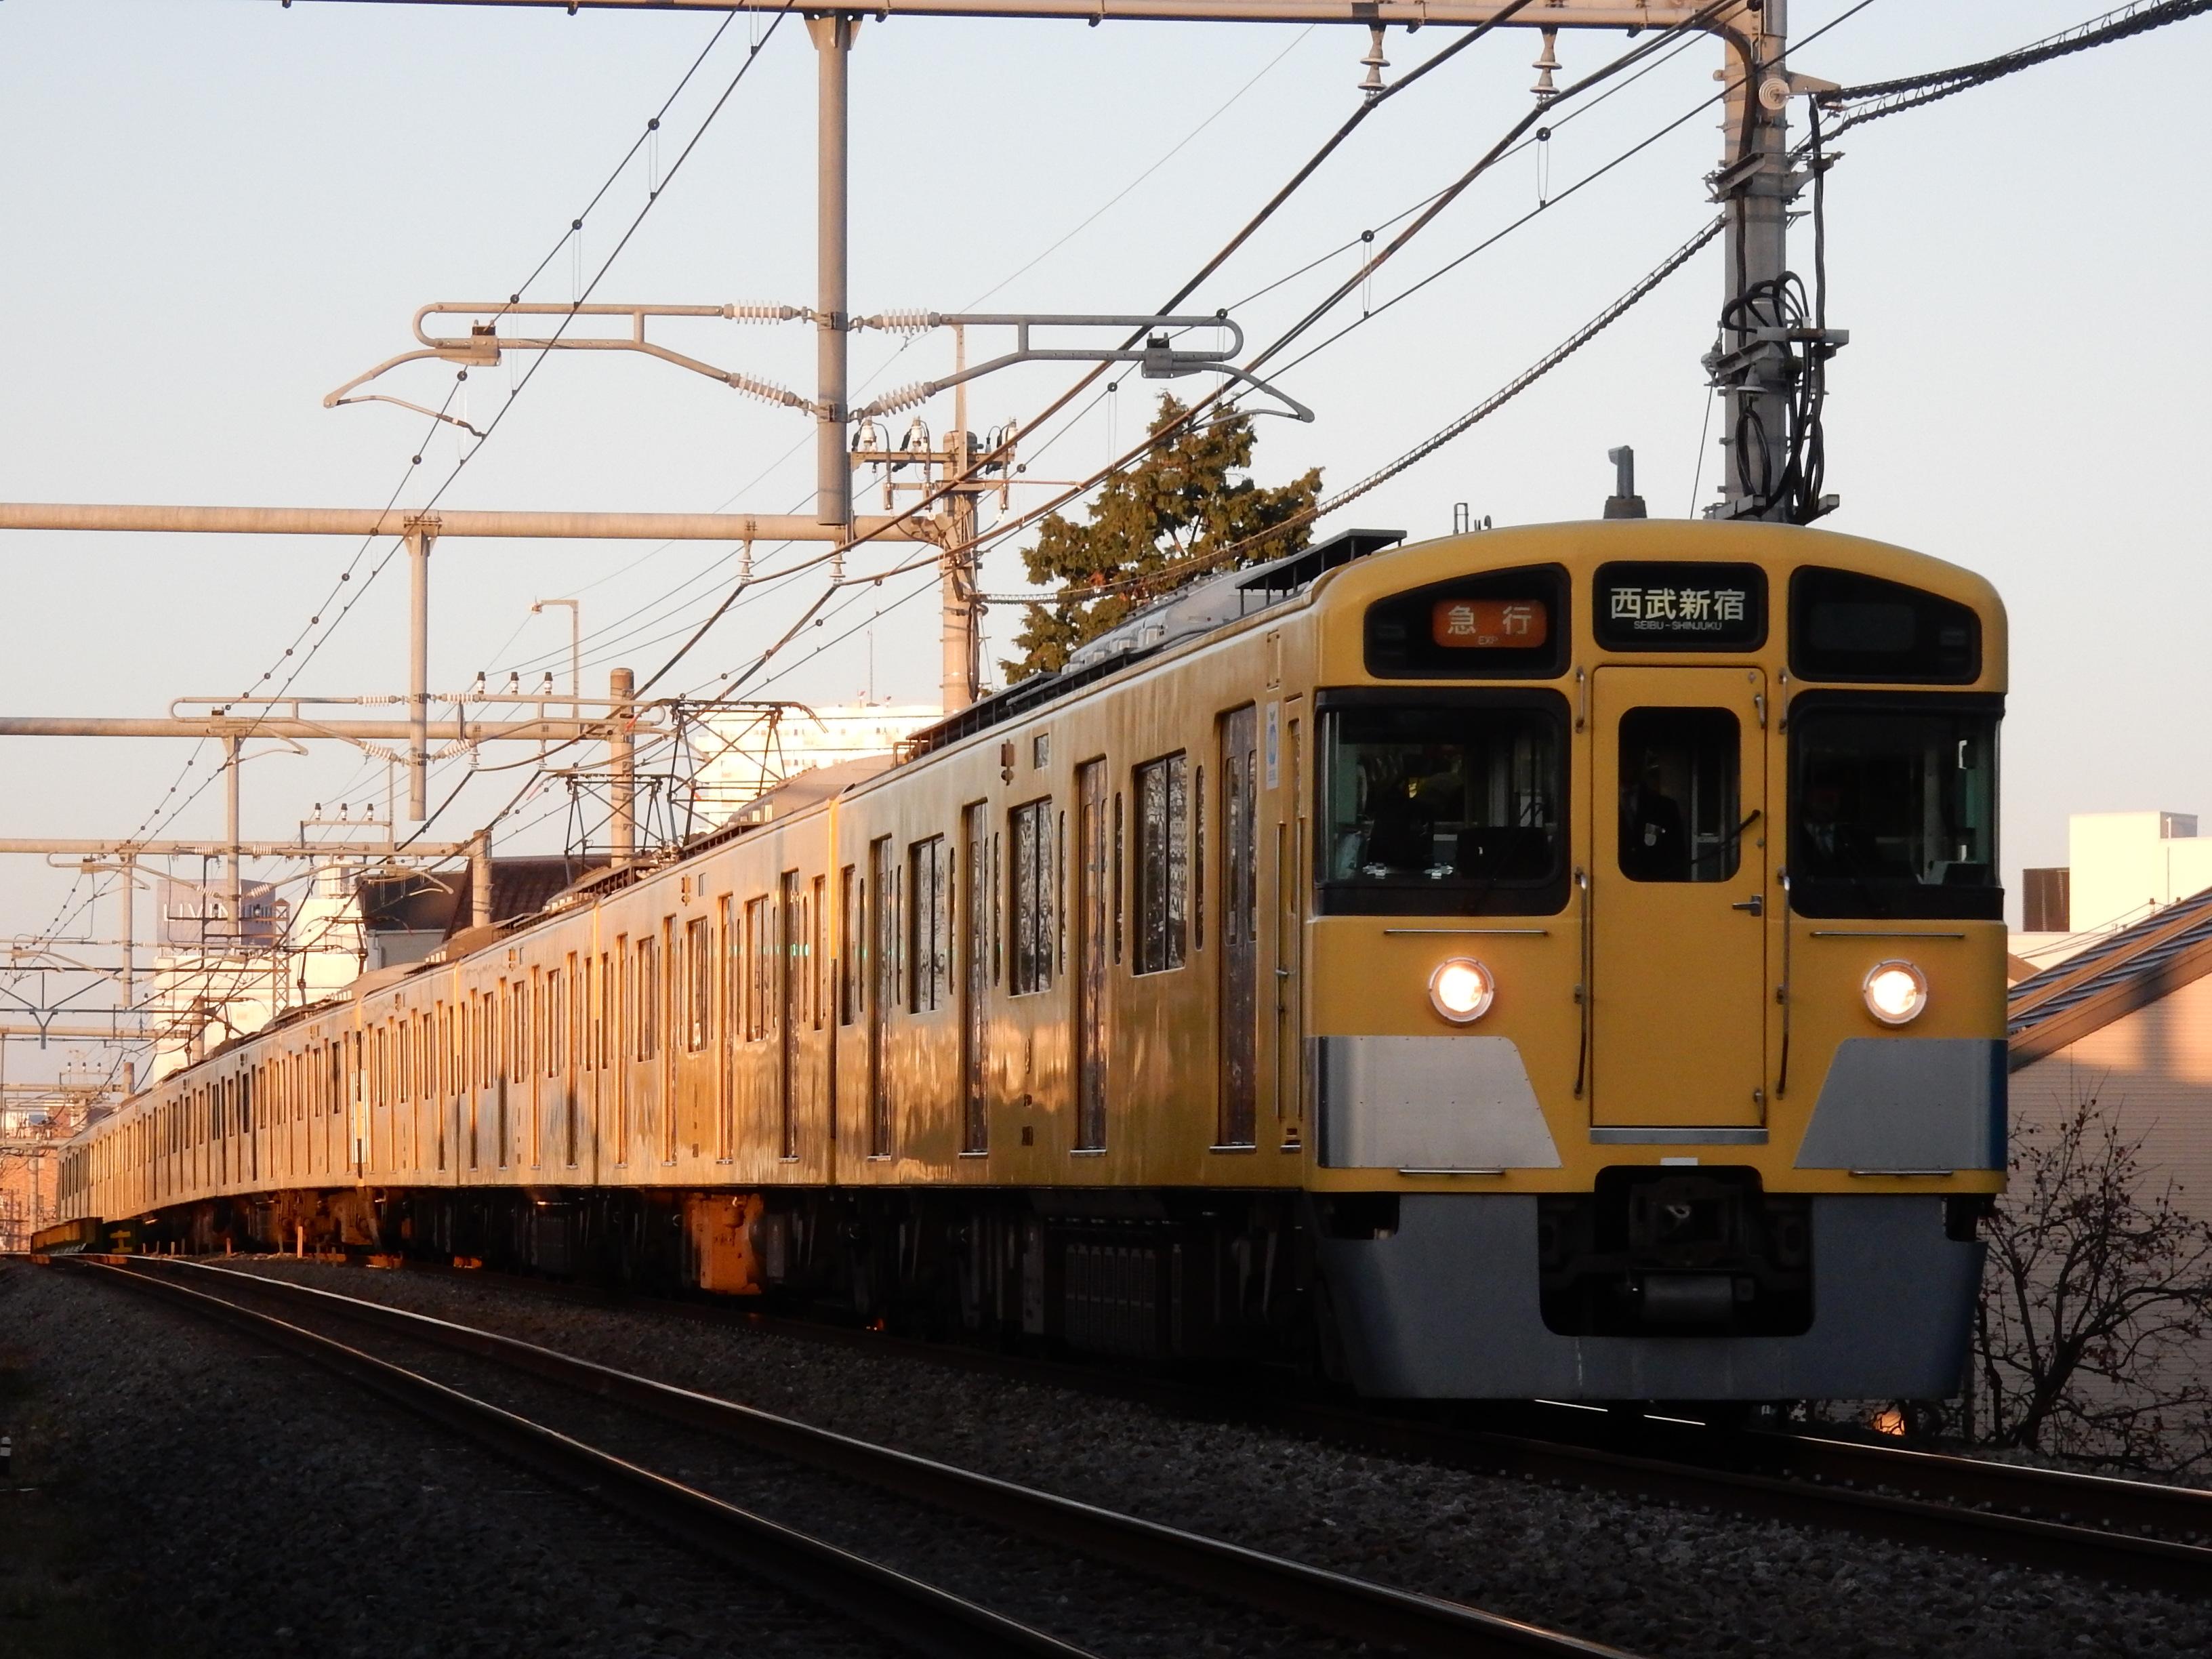 DSCN9510.jpg